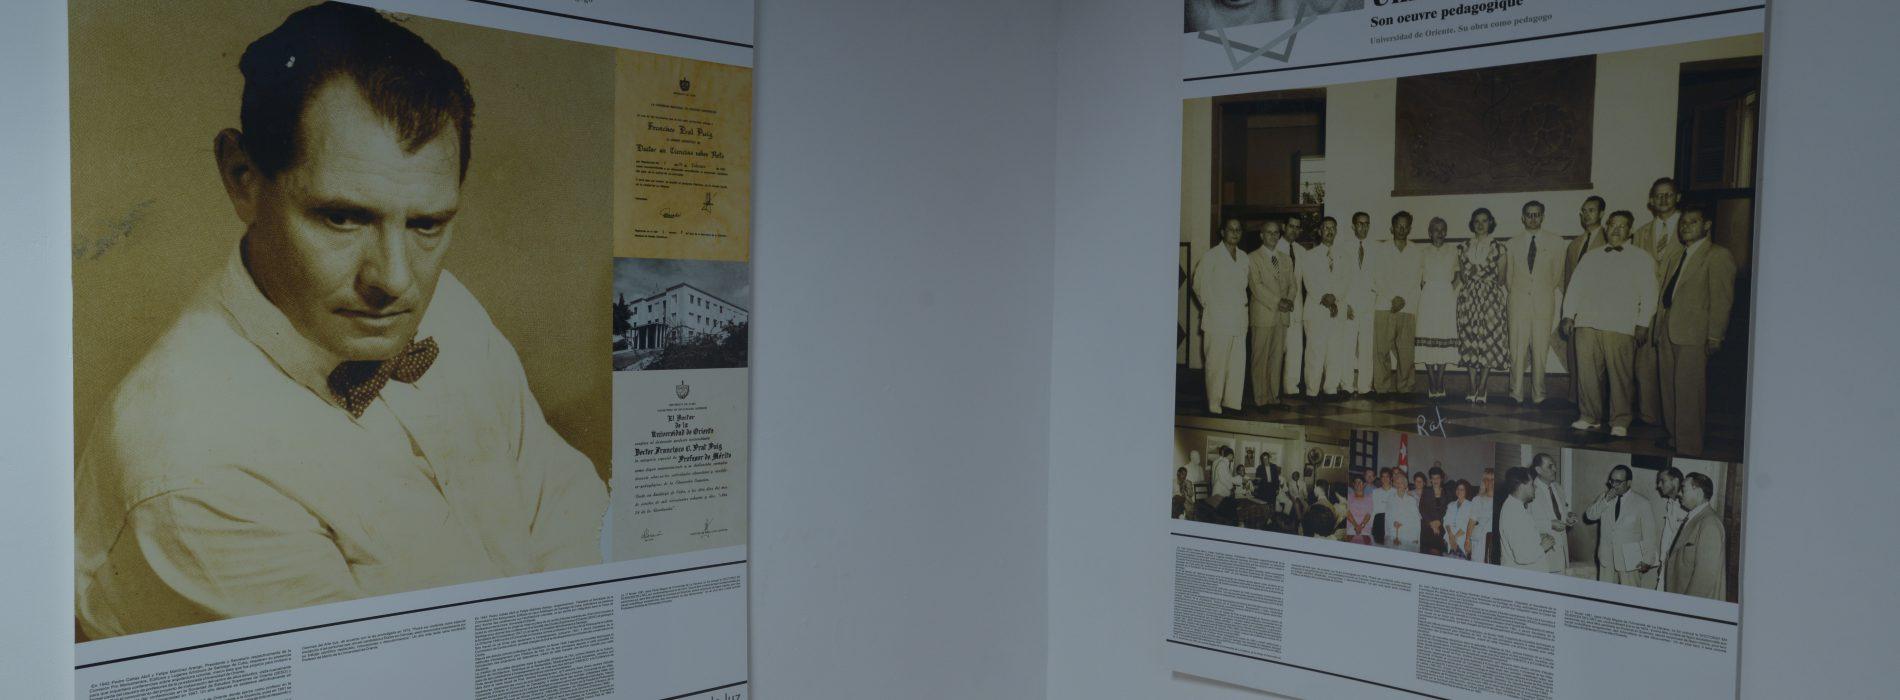 Vistas-de-la-exposición-biográfica-Con-la-ciencia-la-luz-Francisco-Prat-Puig